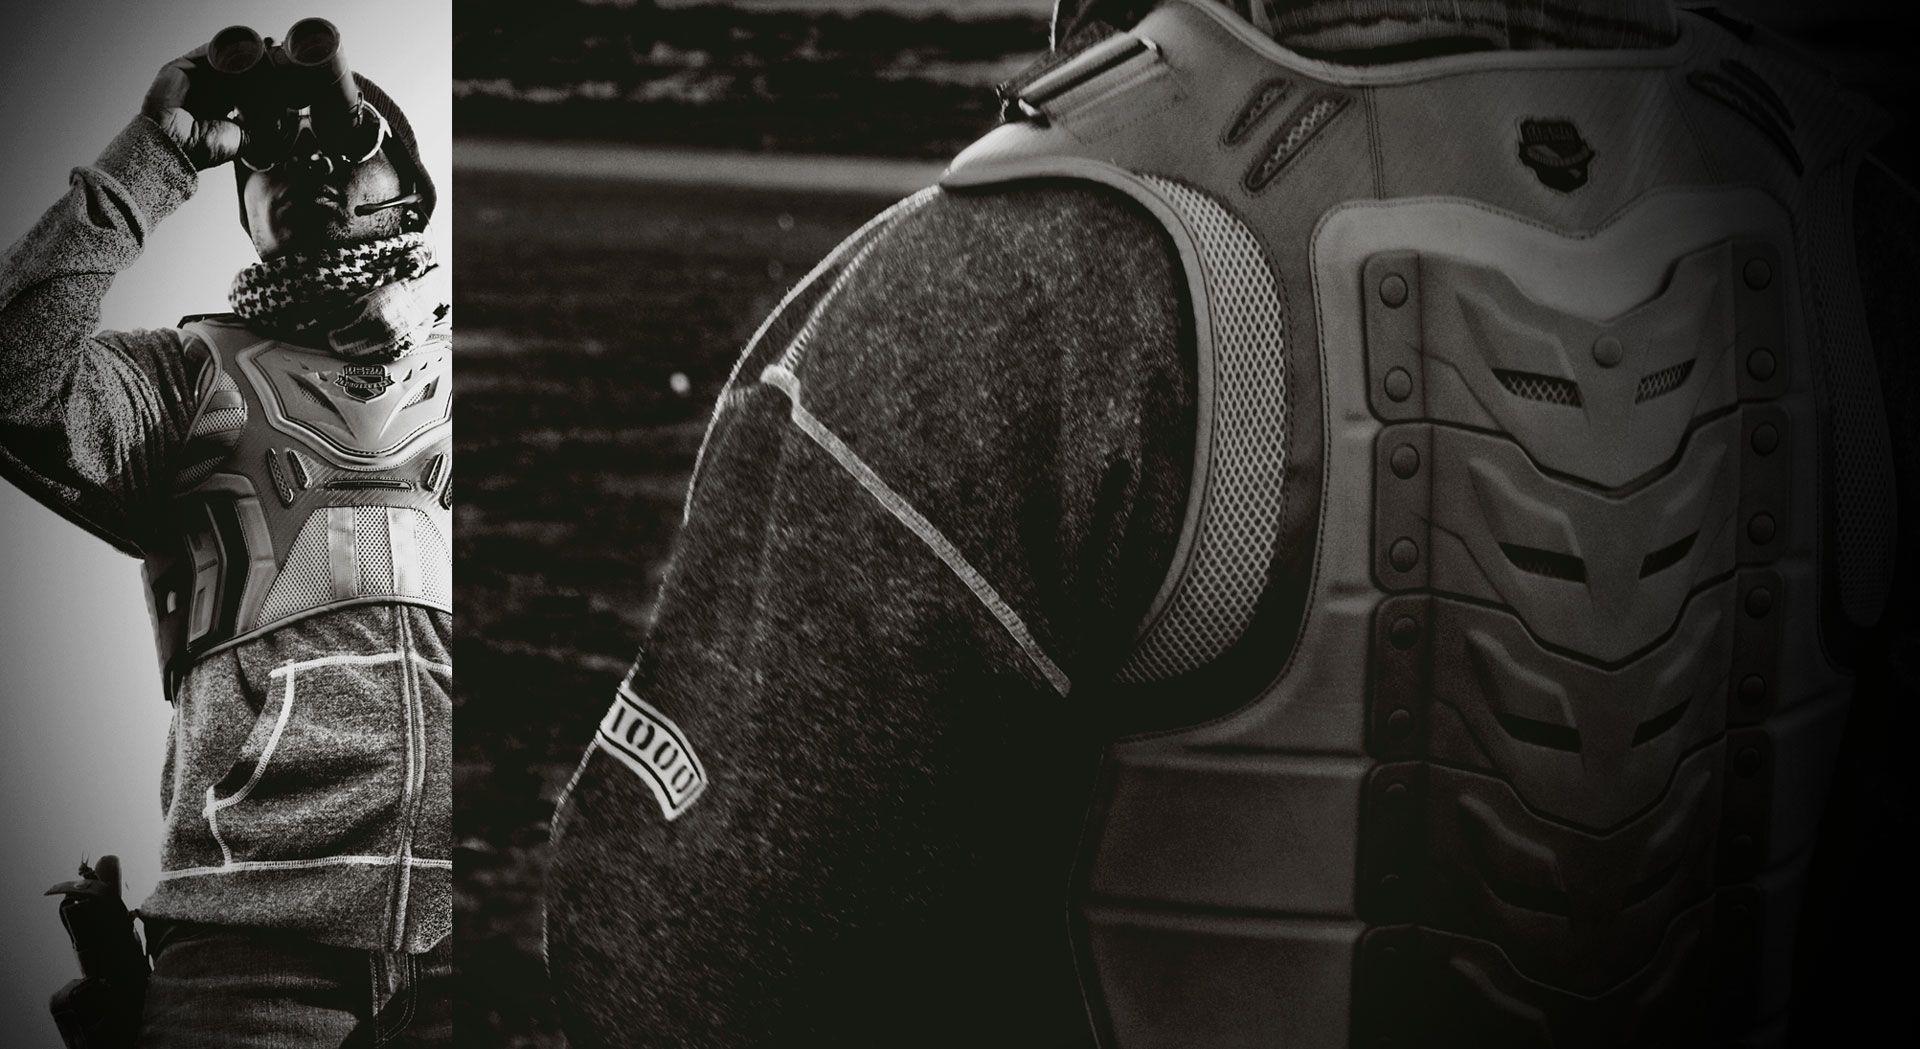 Stryker Battlescar™ Vest Icon1000 SBR Pinterest